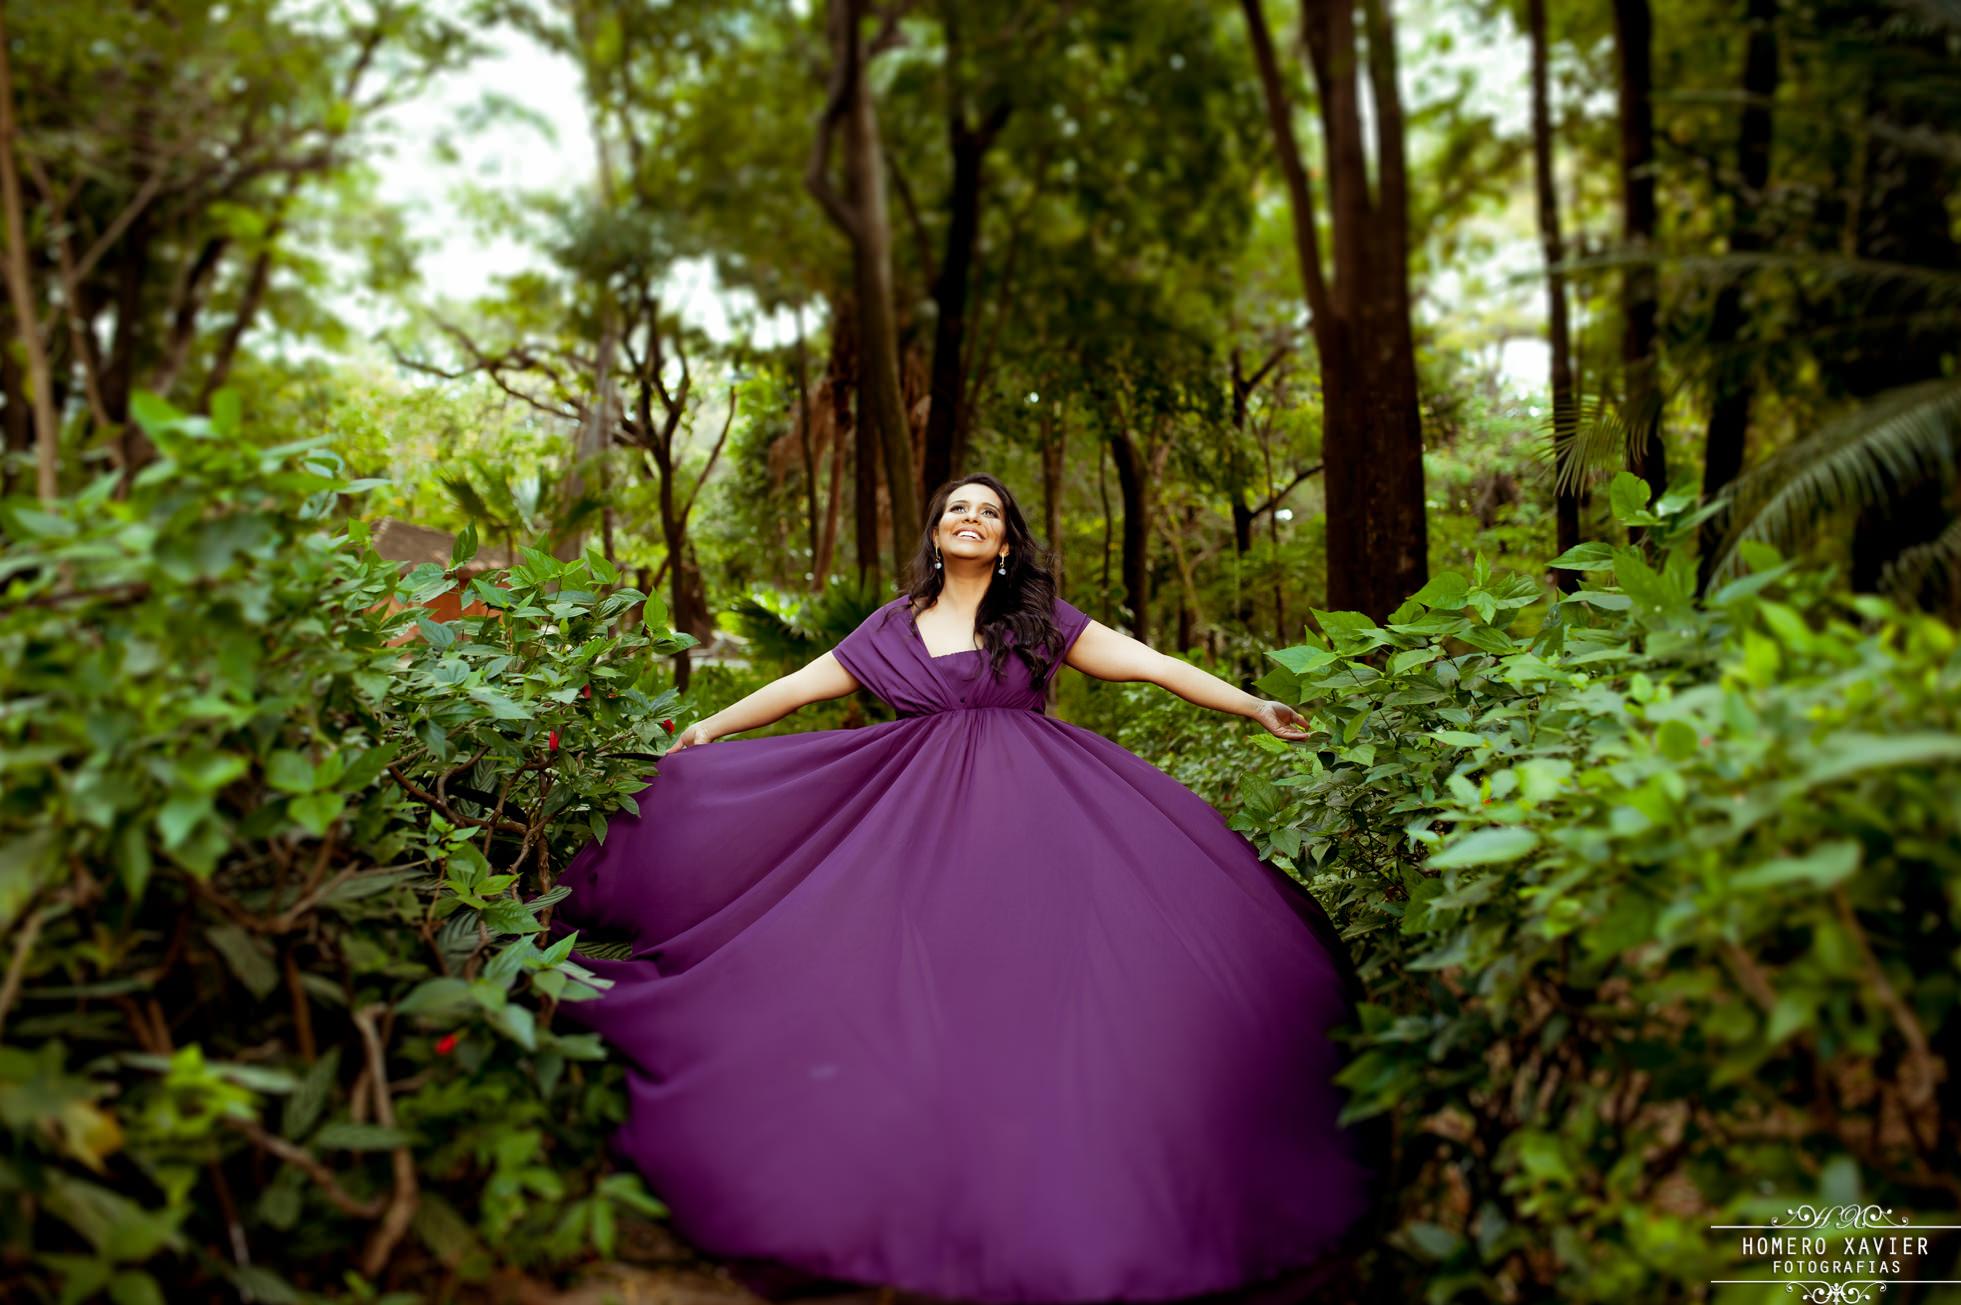 vestido roxo para fotos de gestante